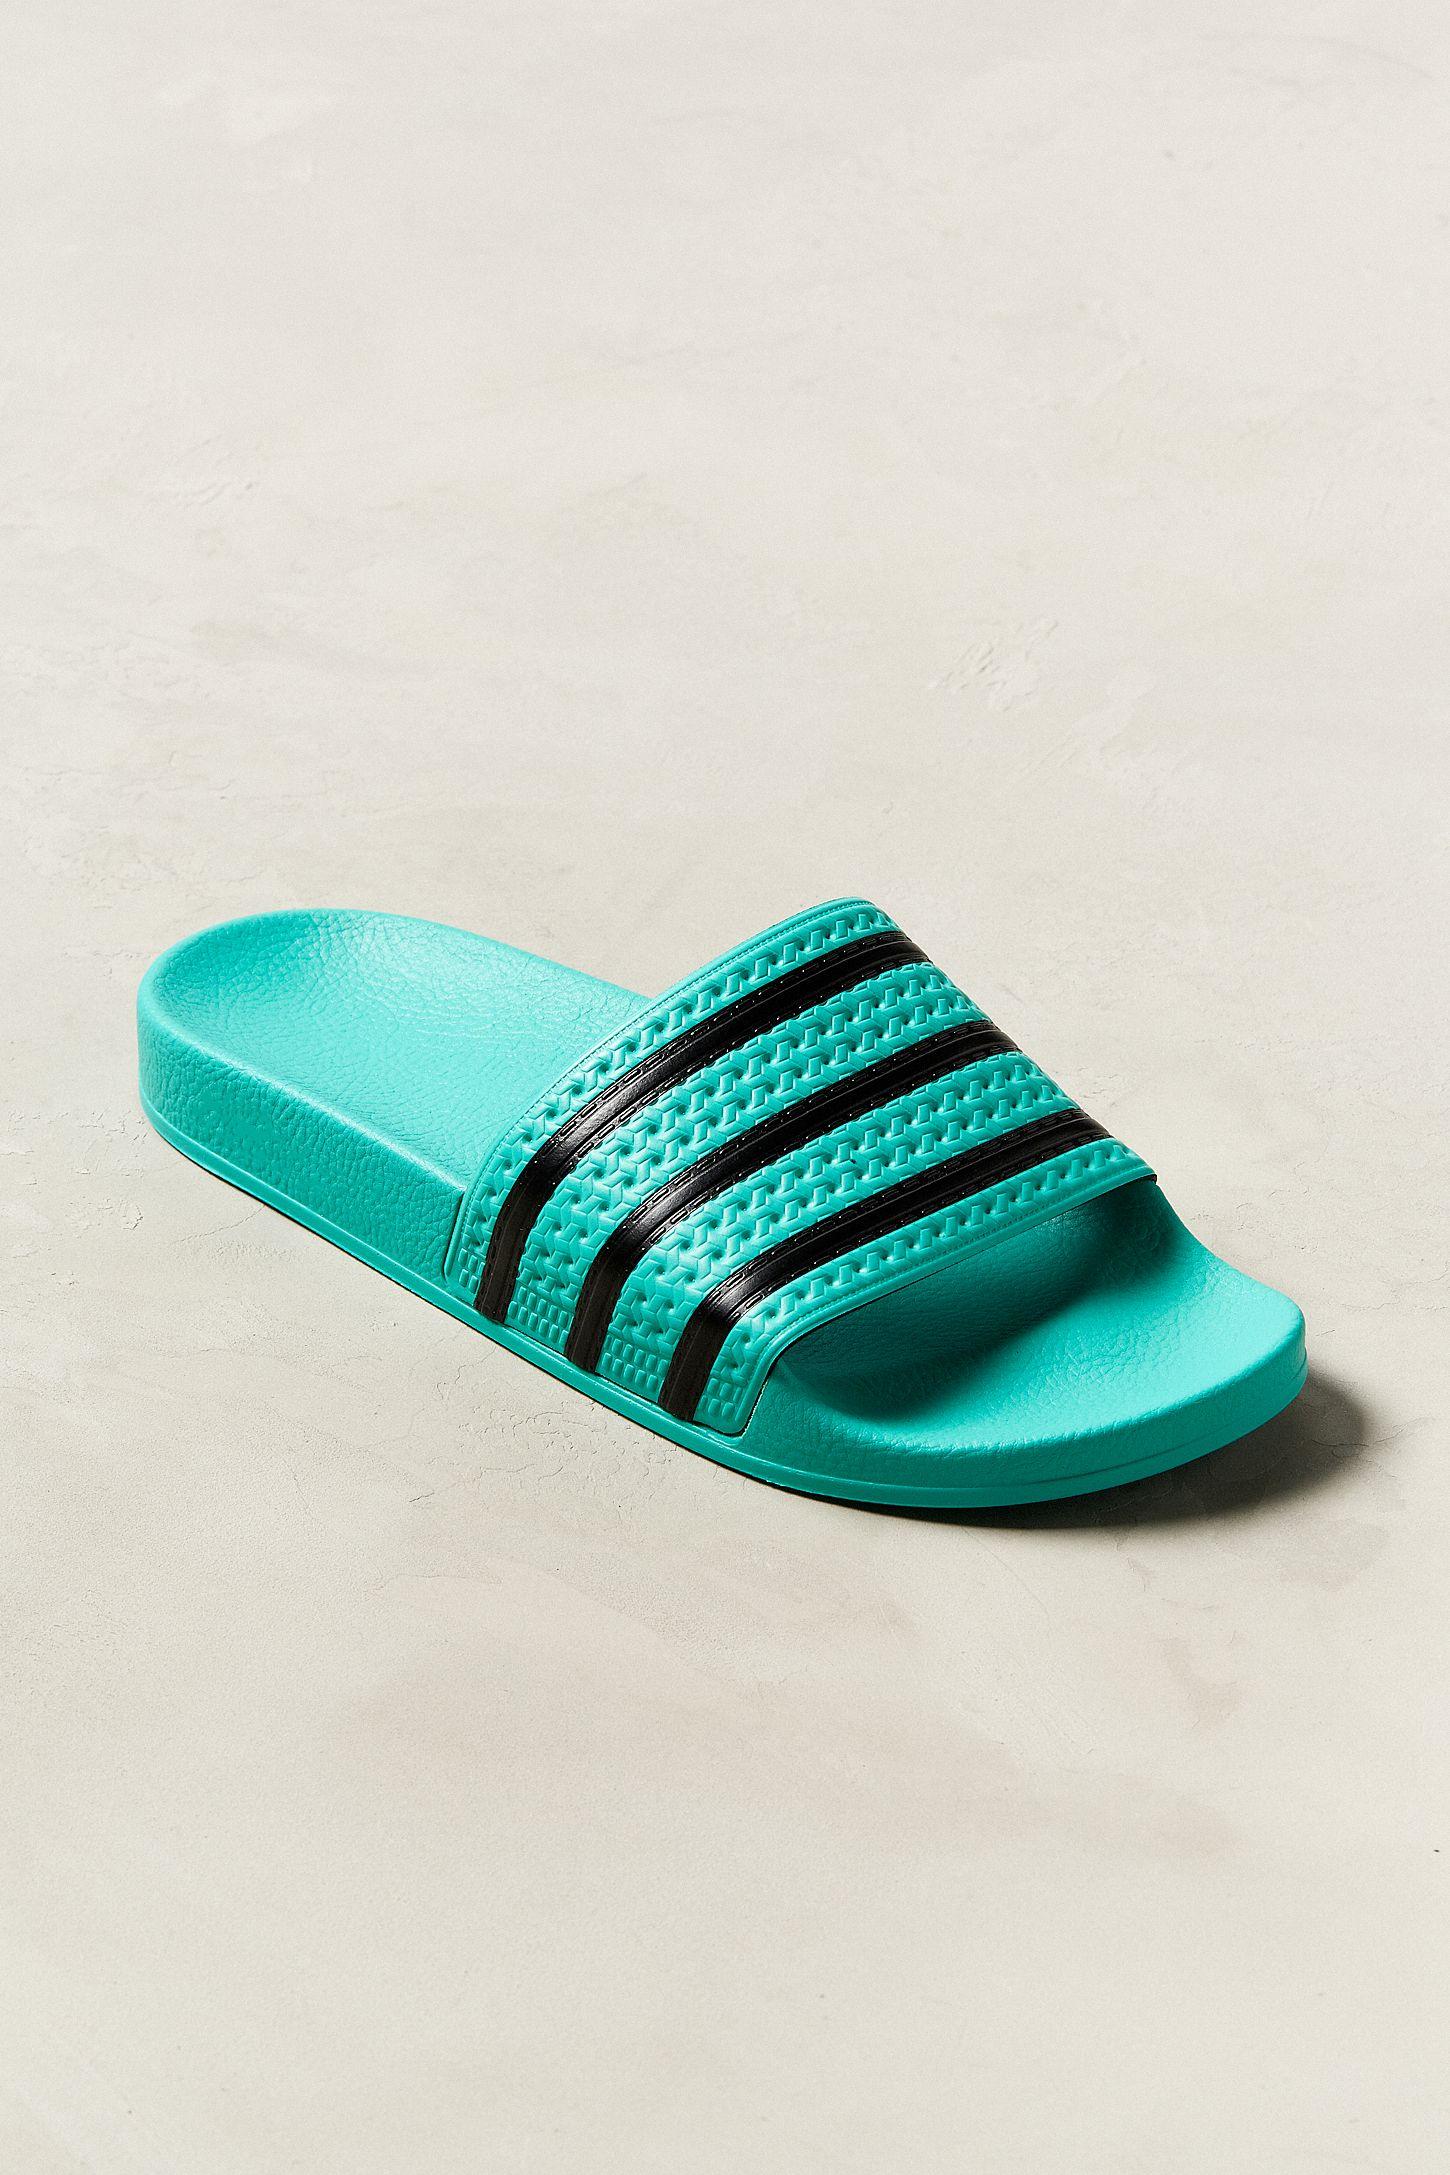 d6c44790c6a5a adidas Adilette Colorful Slide Sandal